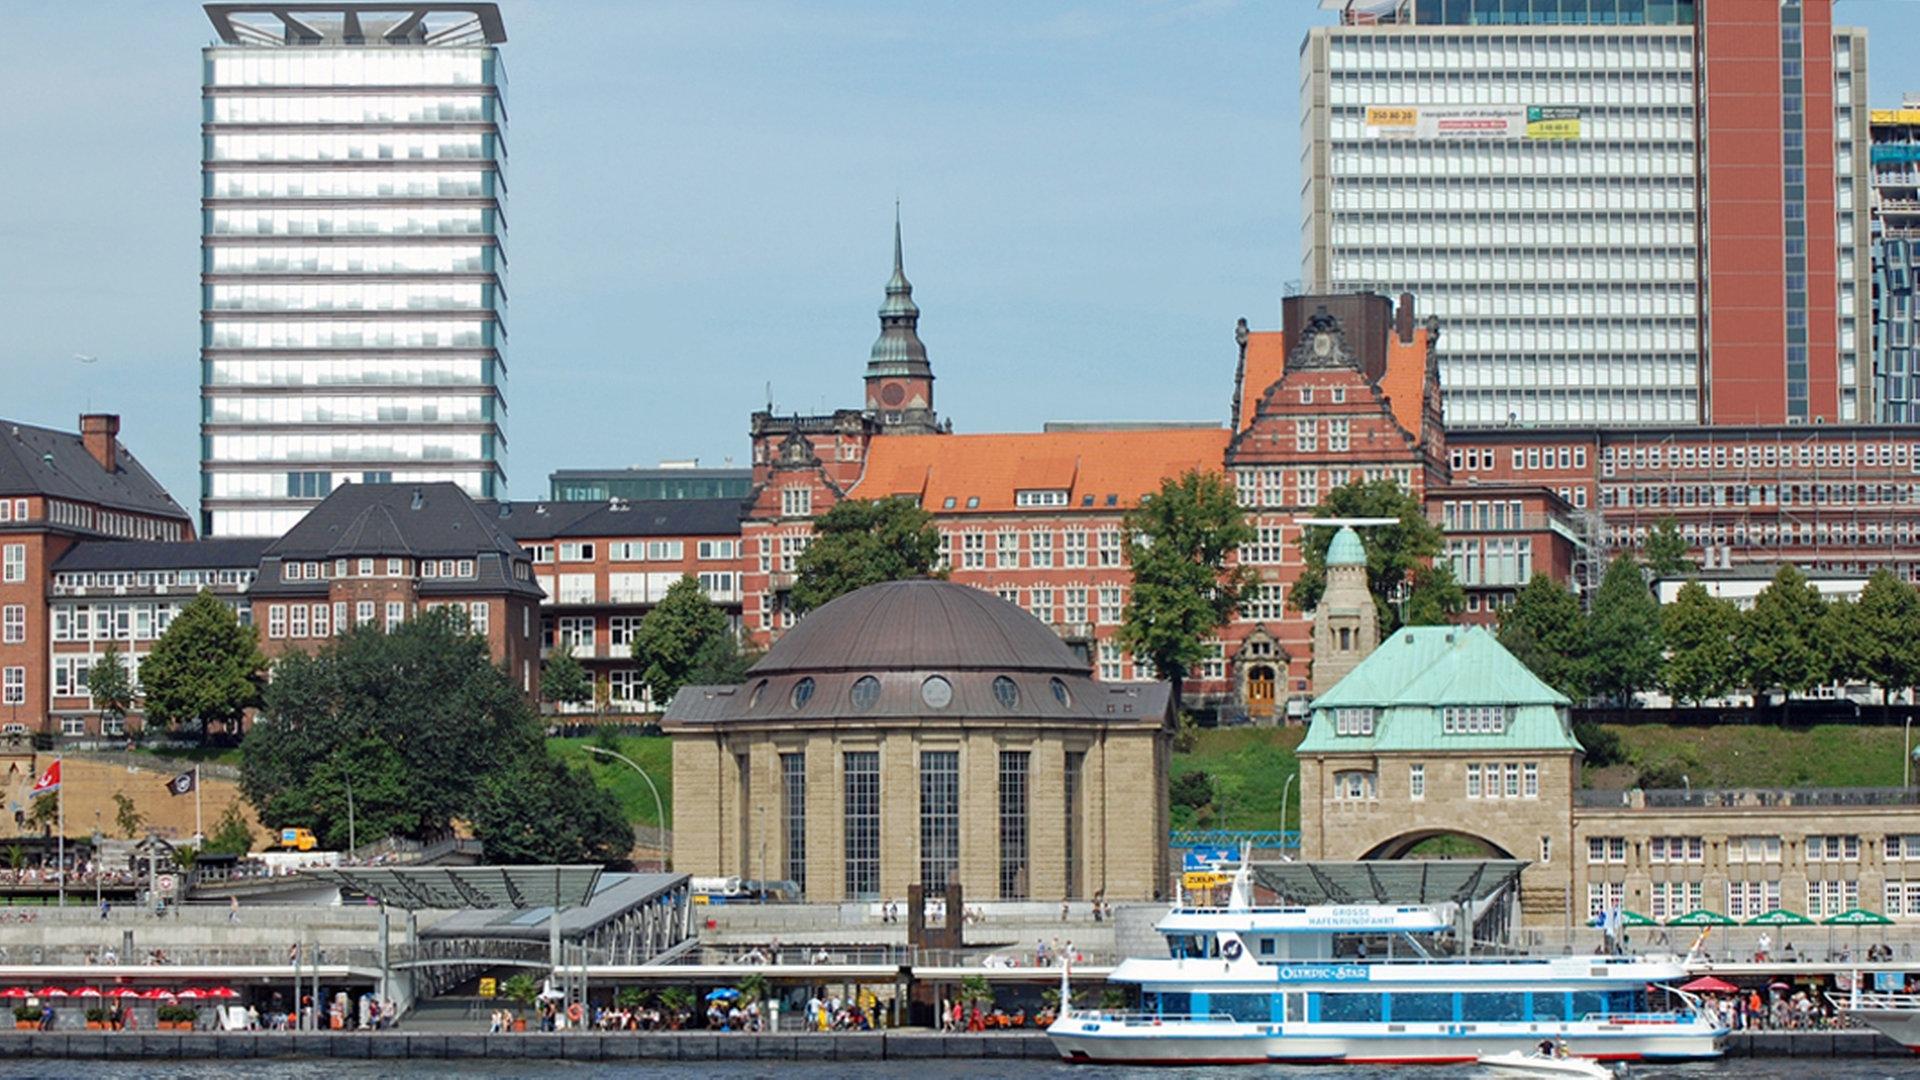 Der Alte Elbtunnel In Hamburg Ndr De Ratgeber Reise Hamburg